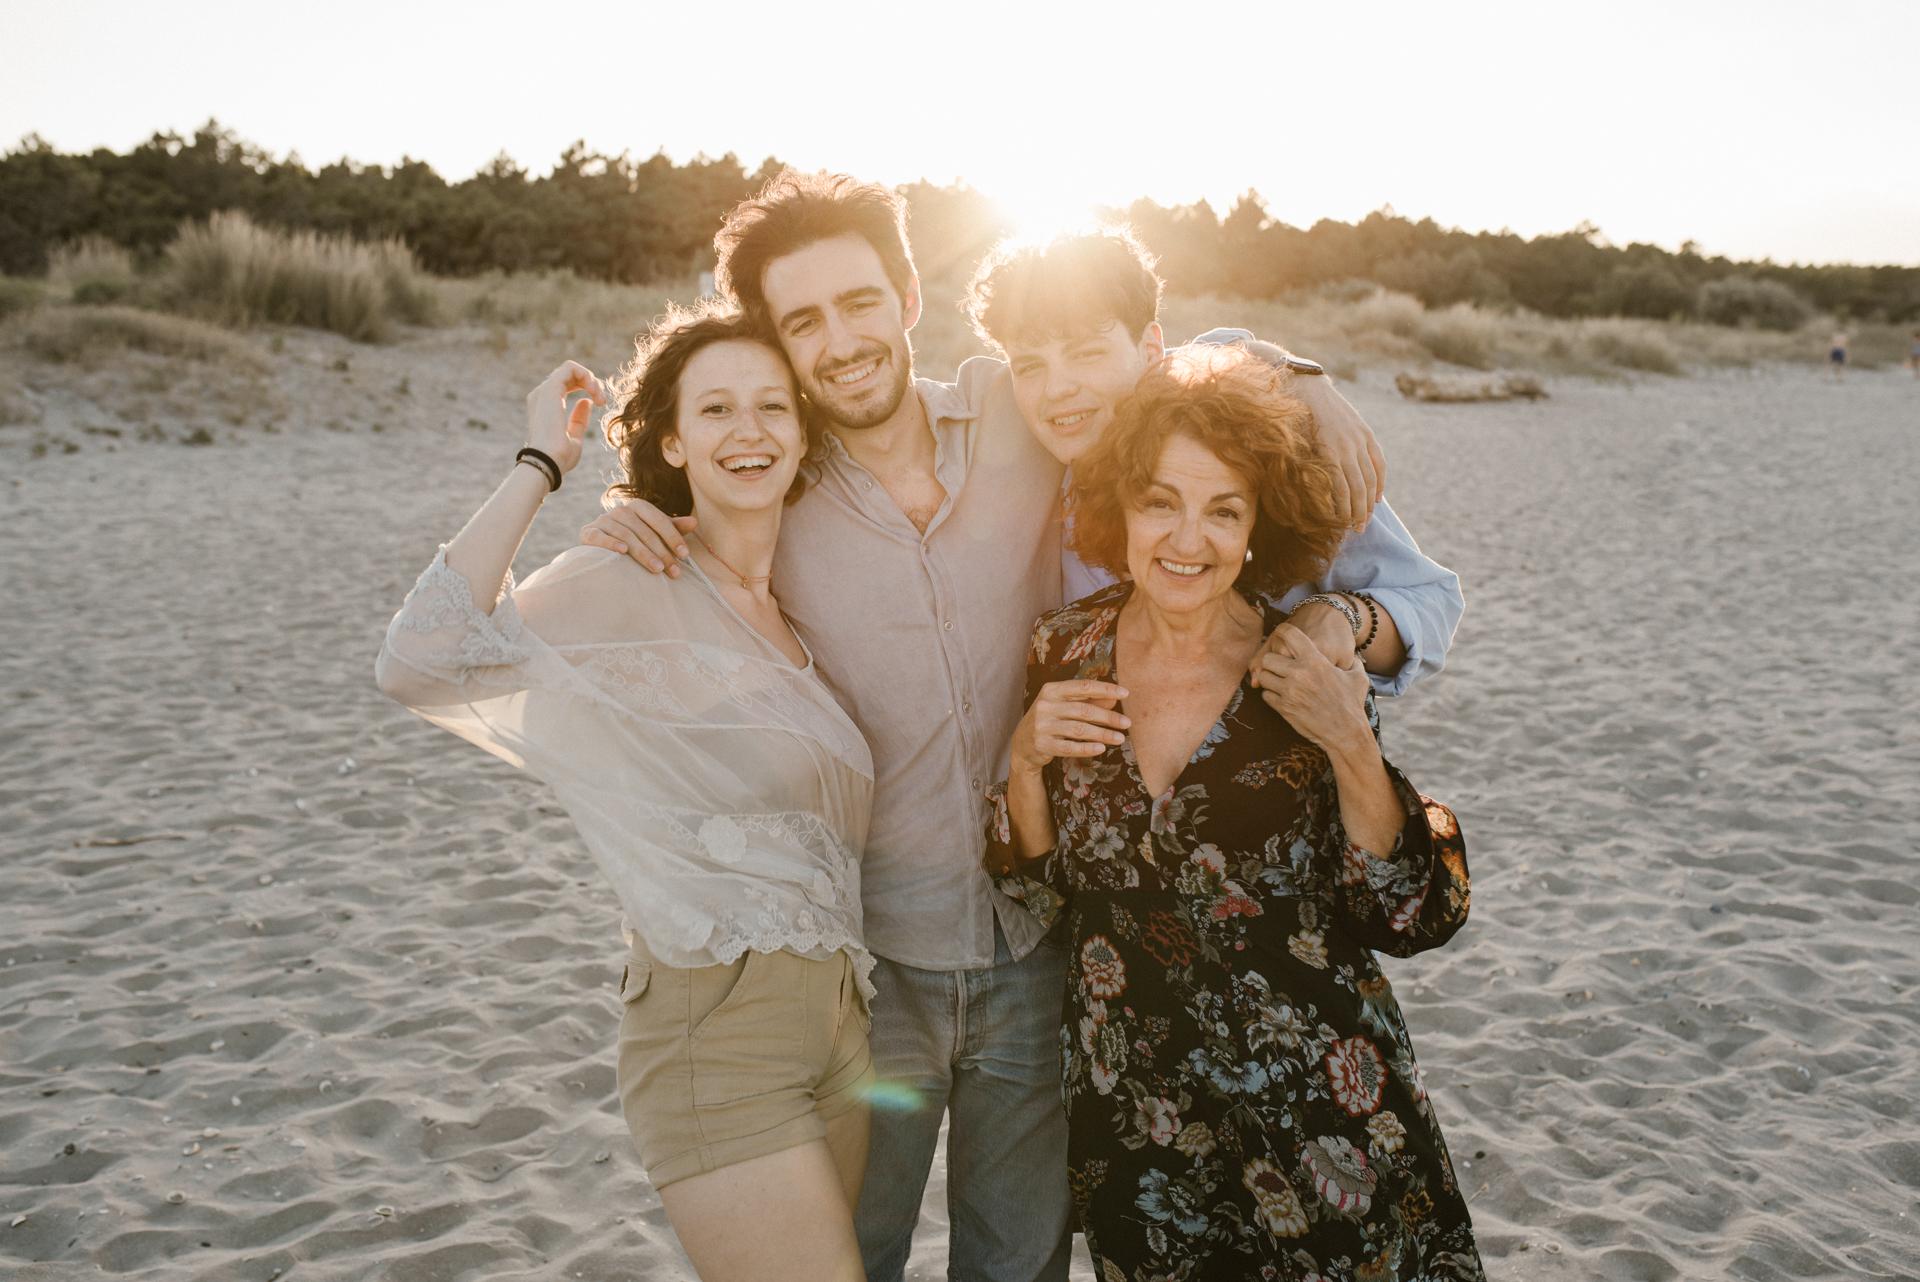 fotografa-famiglia-mare-13